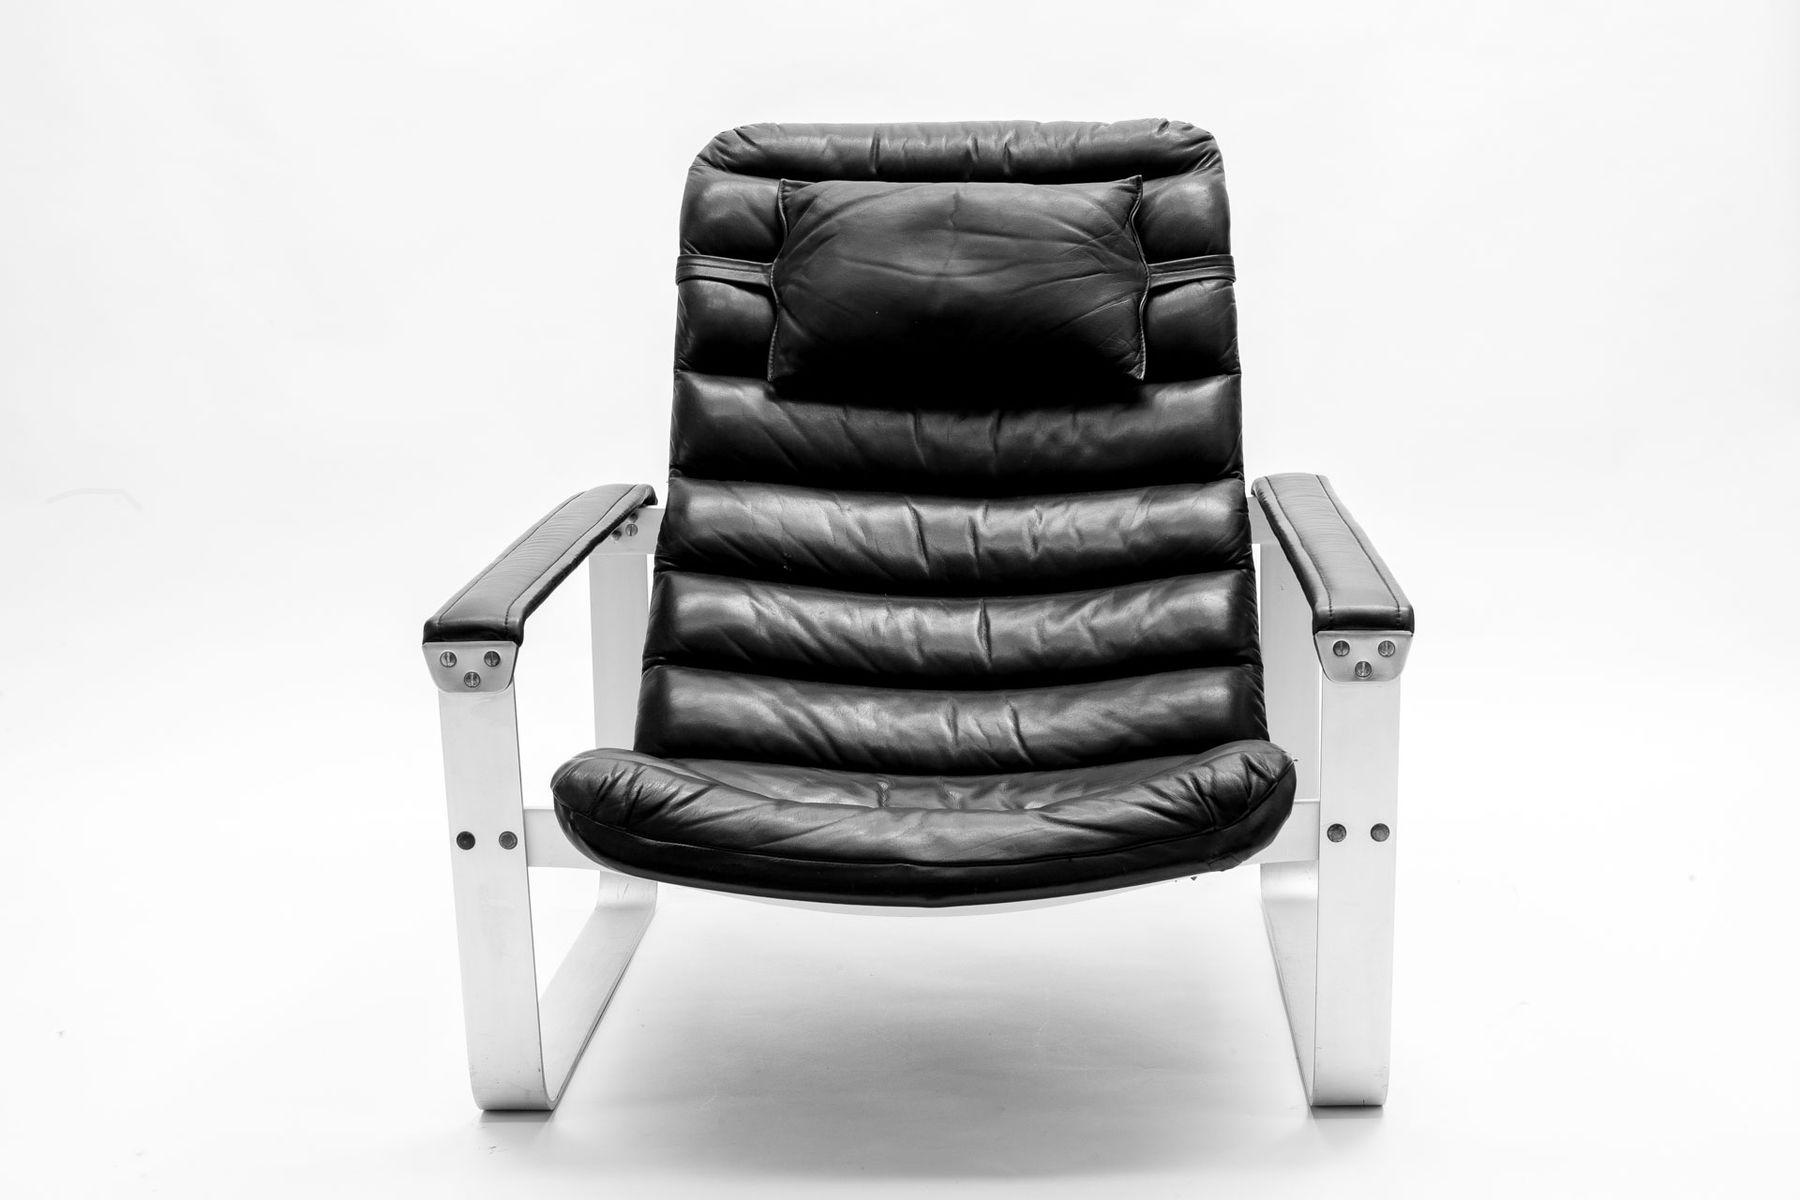 finnischer pulkka sessel mit fu hocker von ilmari lappalainen f r asko 1968 bei pamono kaufen. Black Bedroom Furniture Sets. Home Design Ideas